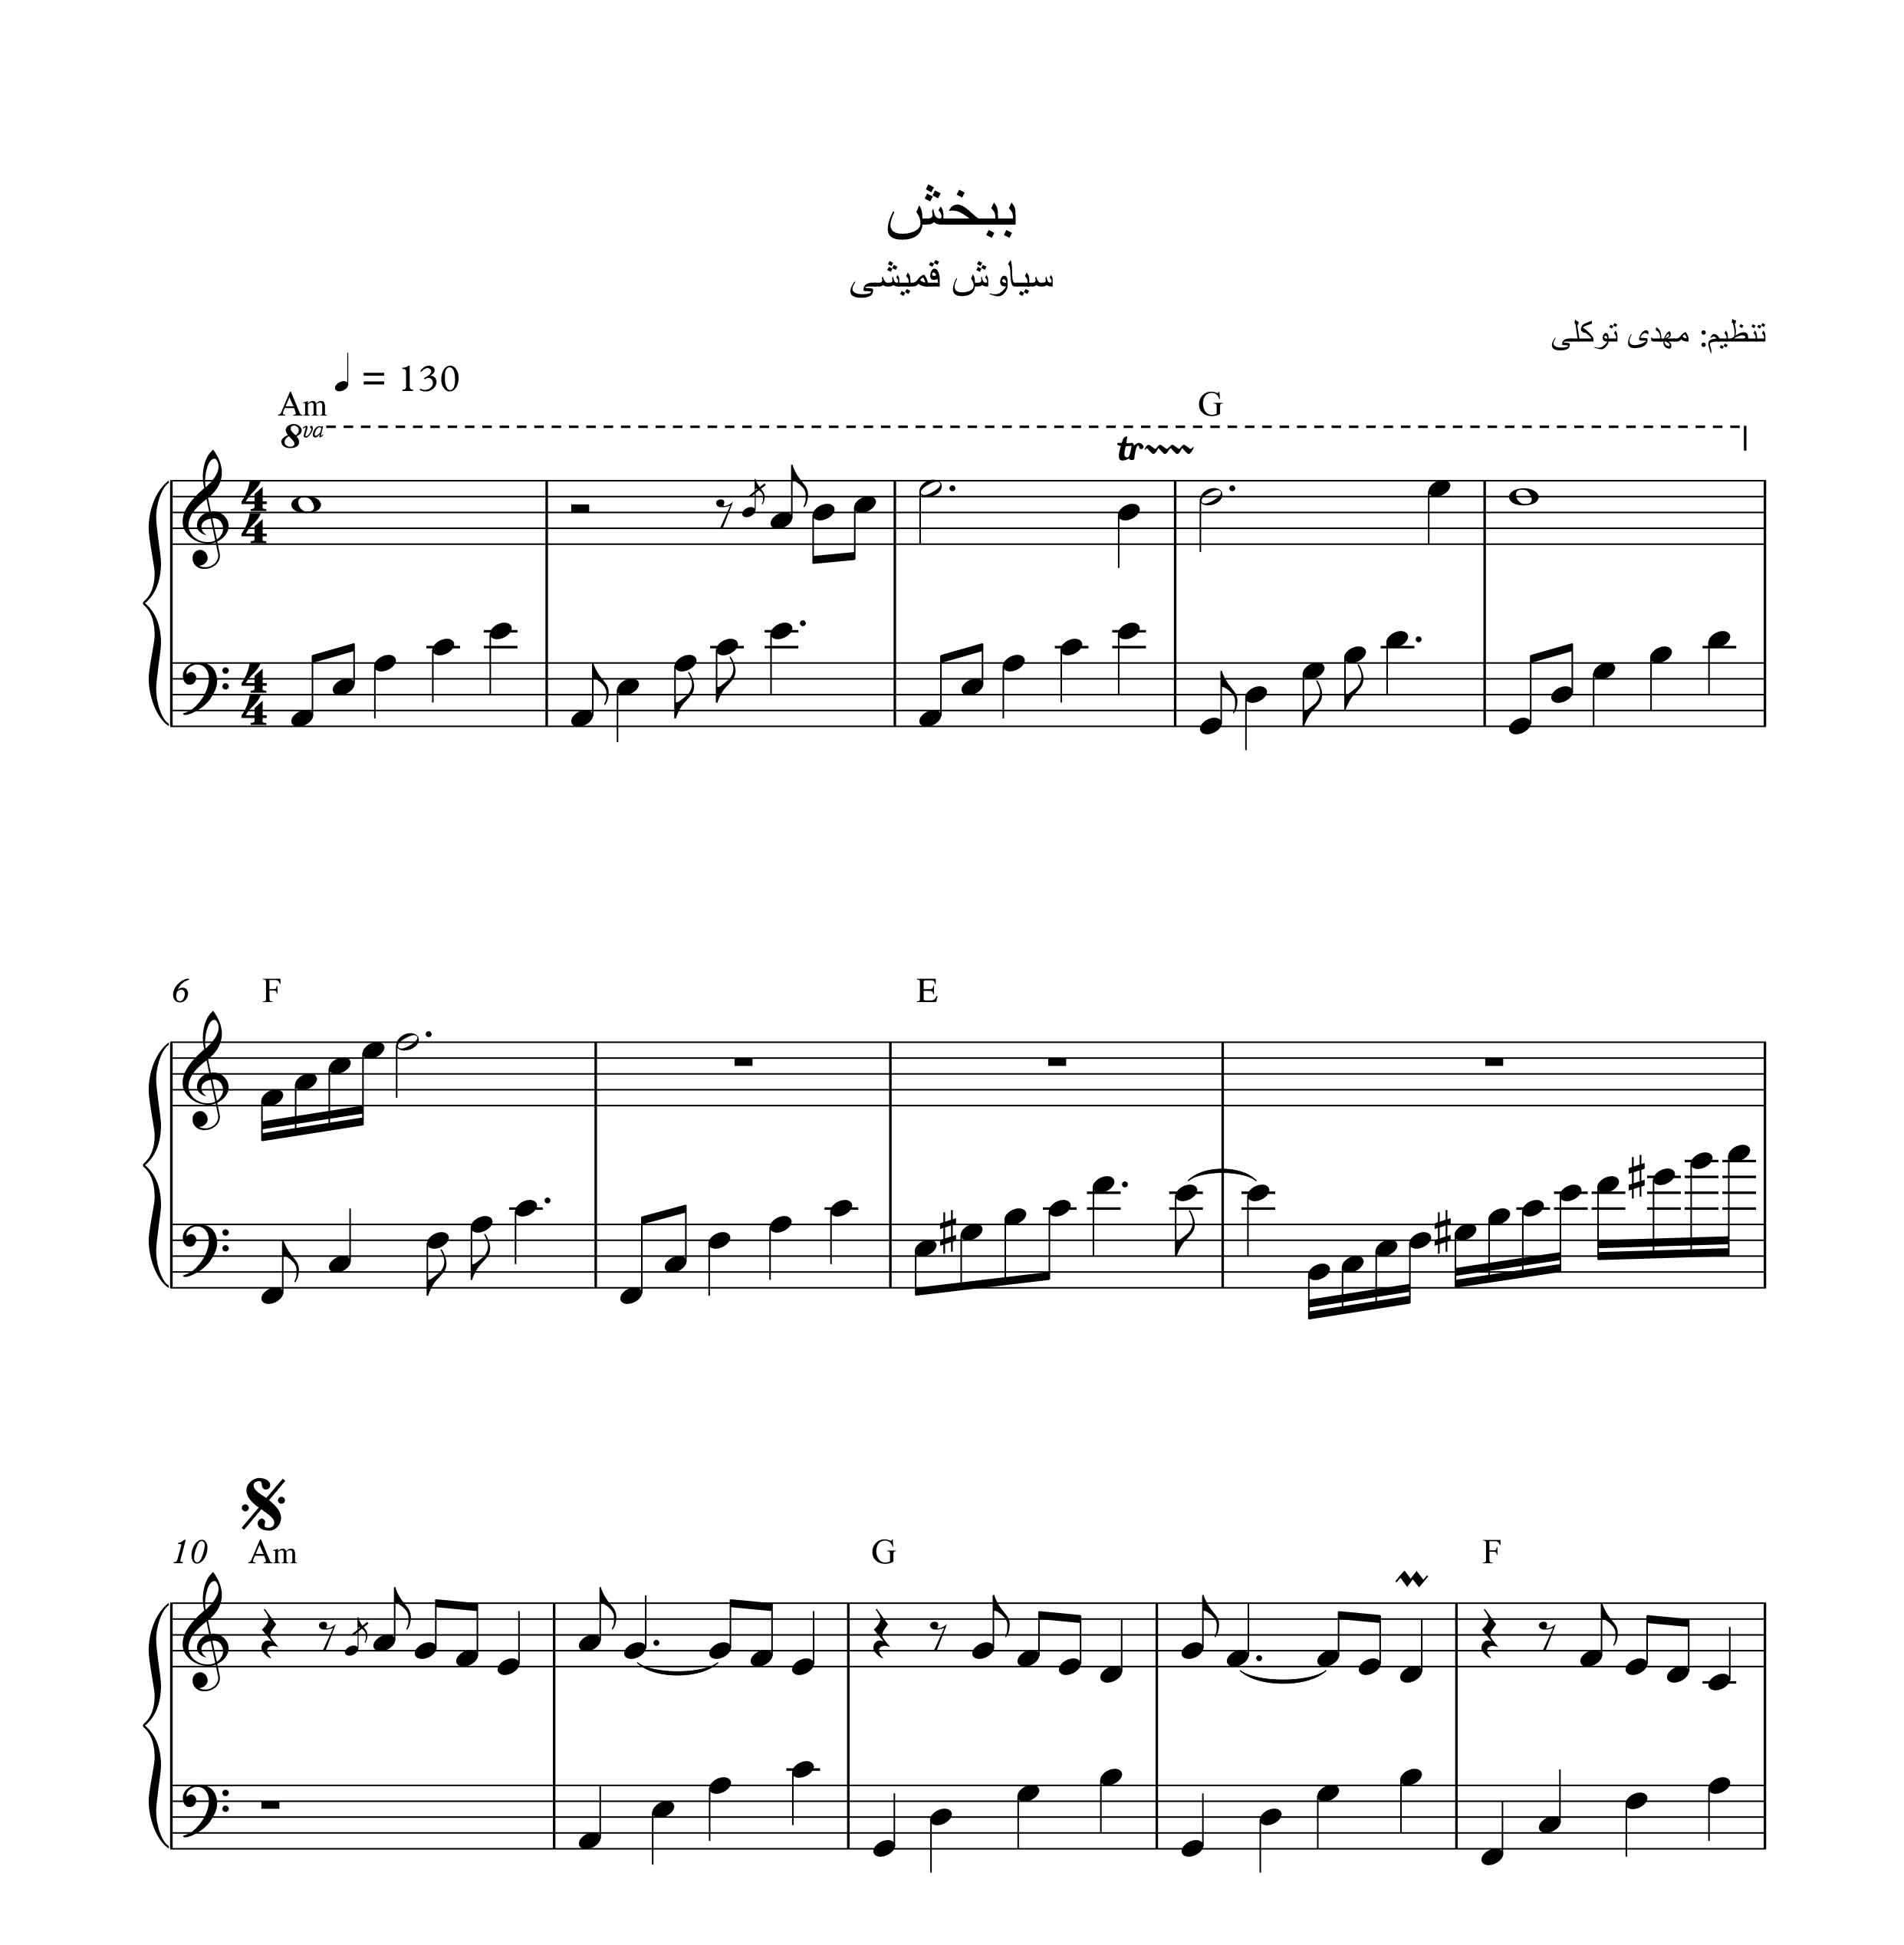 نت پیانو آهنگ ببخش از سیاوش قمیشی